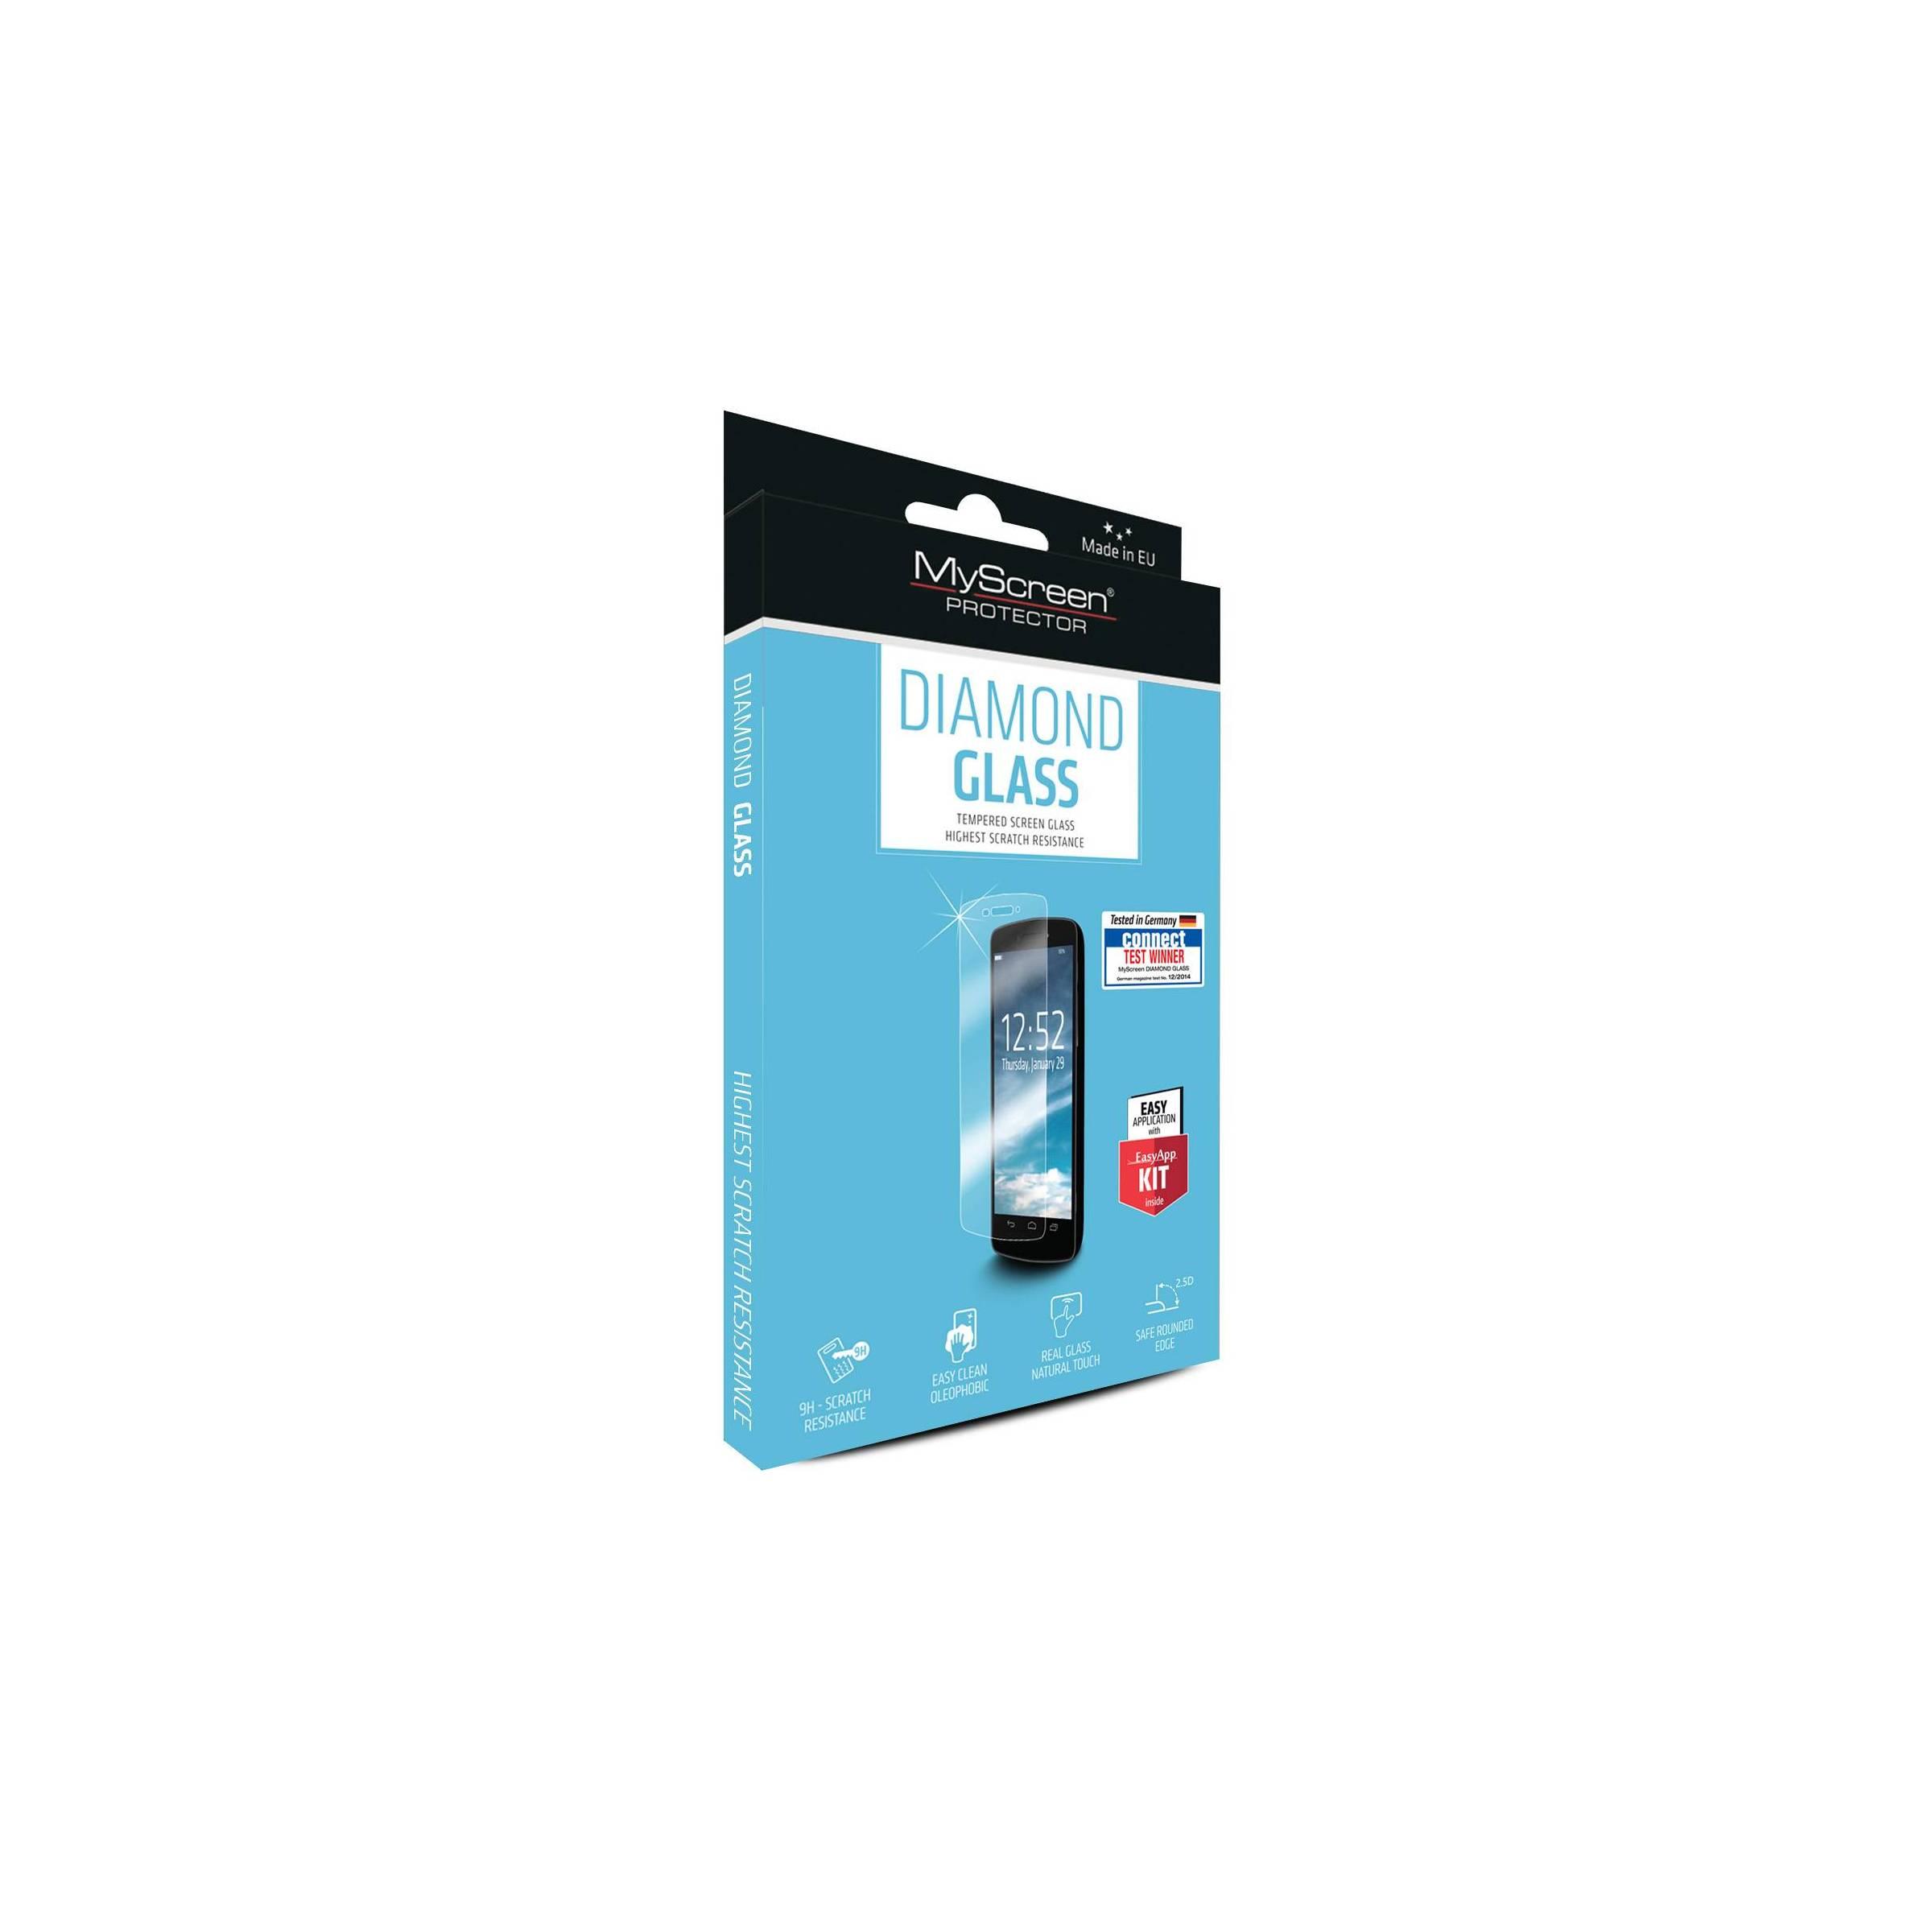 myscreen Myscreen diamond iphone 6/6s beskyttelsesglas fra mackabler.dk